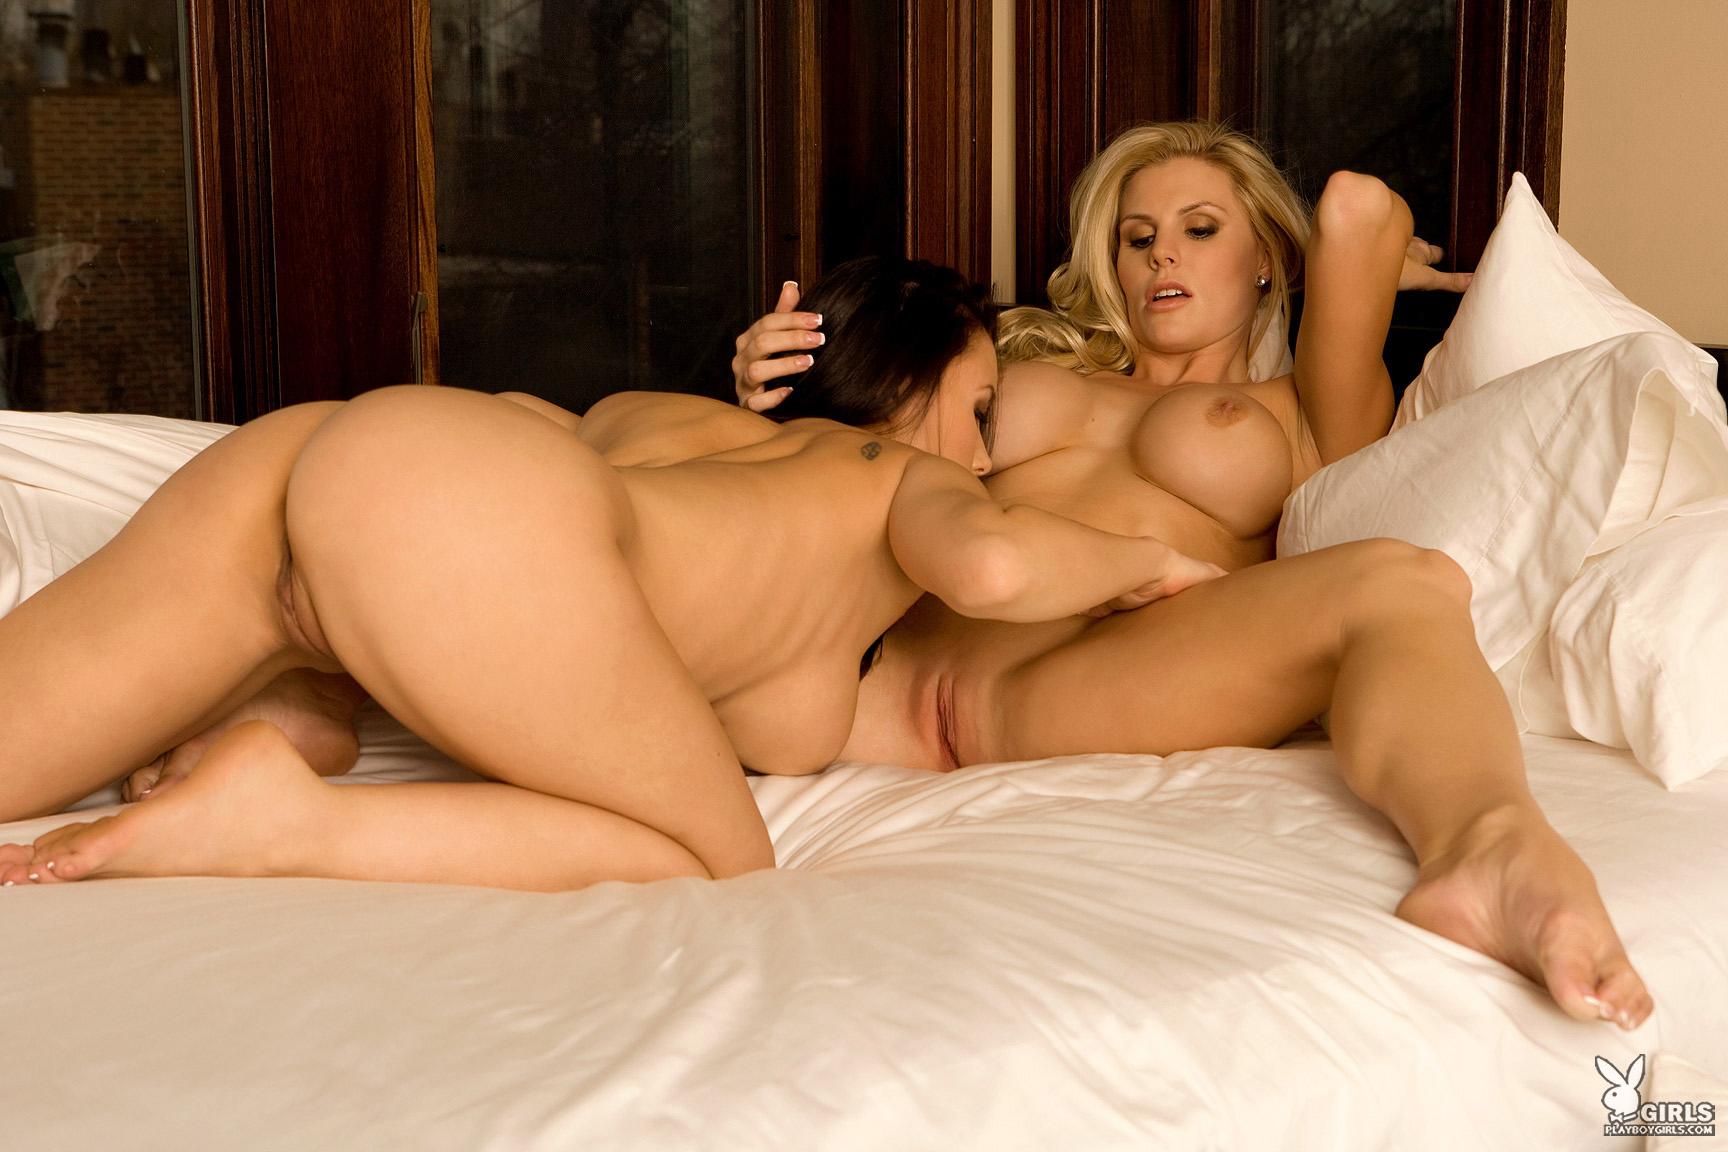 Секс порно бесплатно большие сиськи лисбиянок 19 фотография